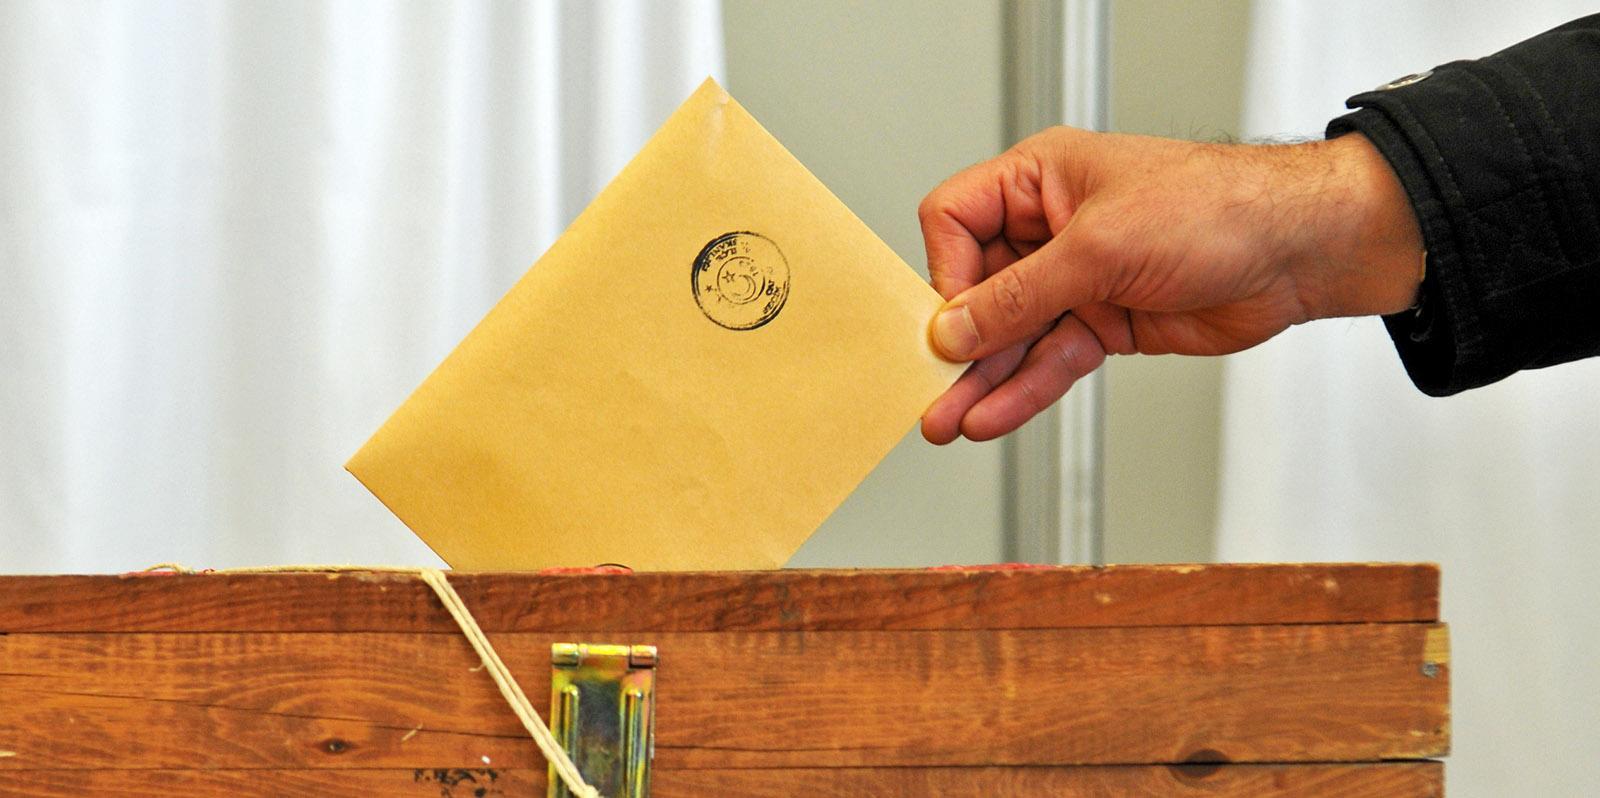 İl ve İlçe Halk Oylaması Koordinasyon Merkezleri kuruldu